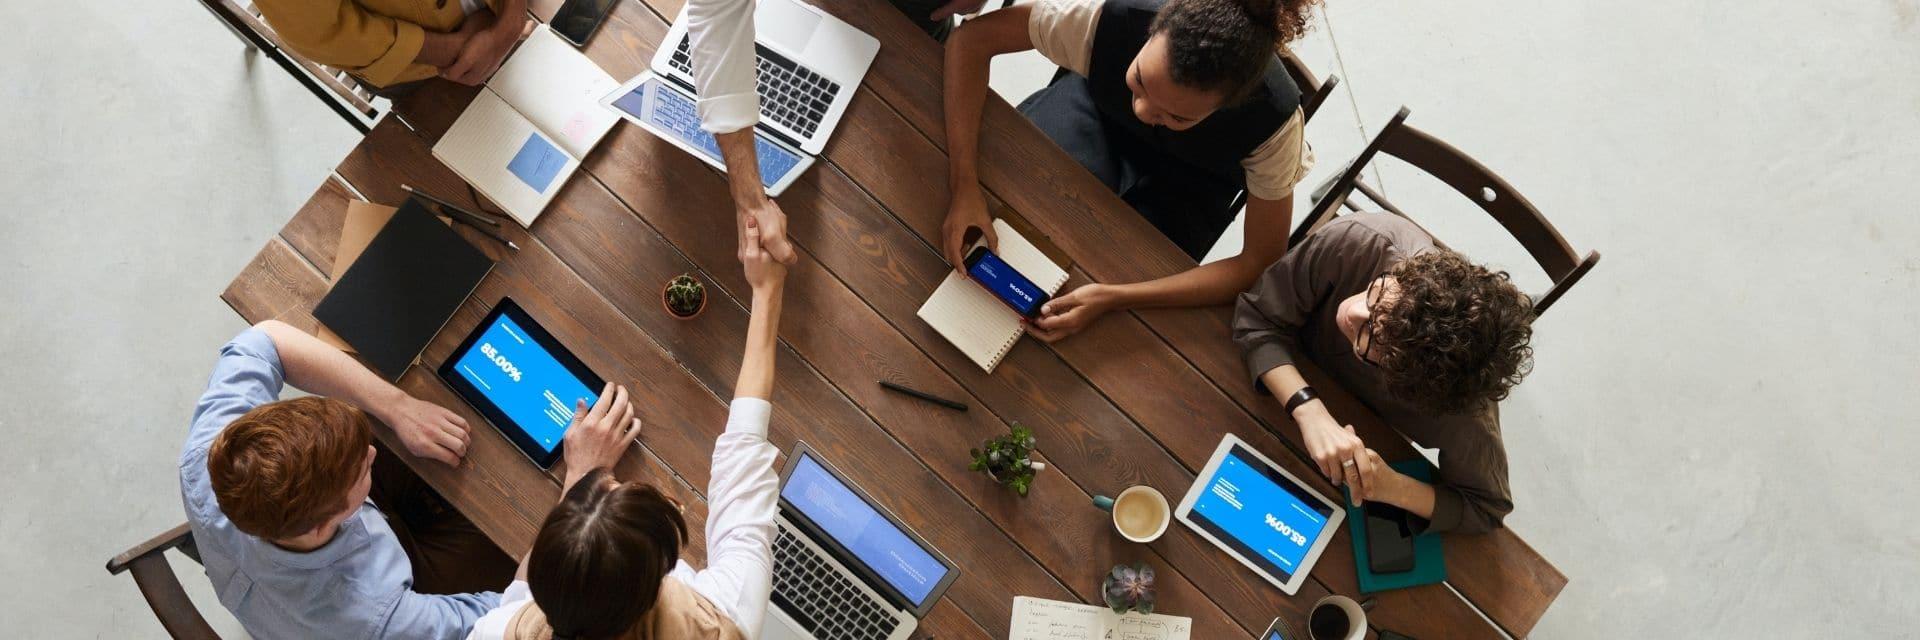 Titelbild Top 6 Networkingversanstaltungen